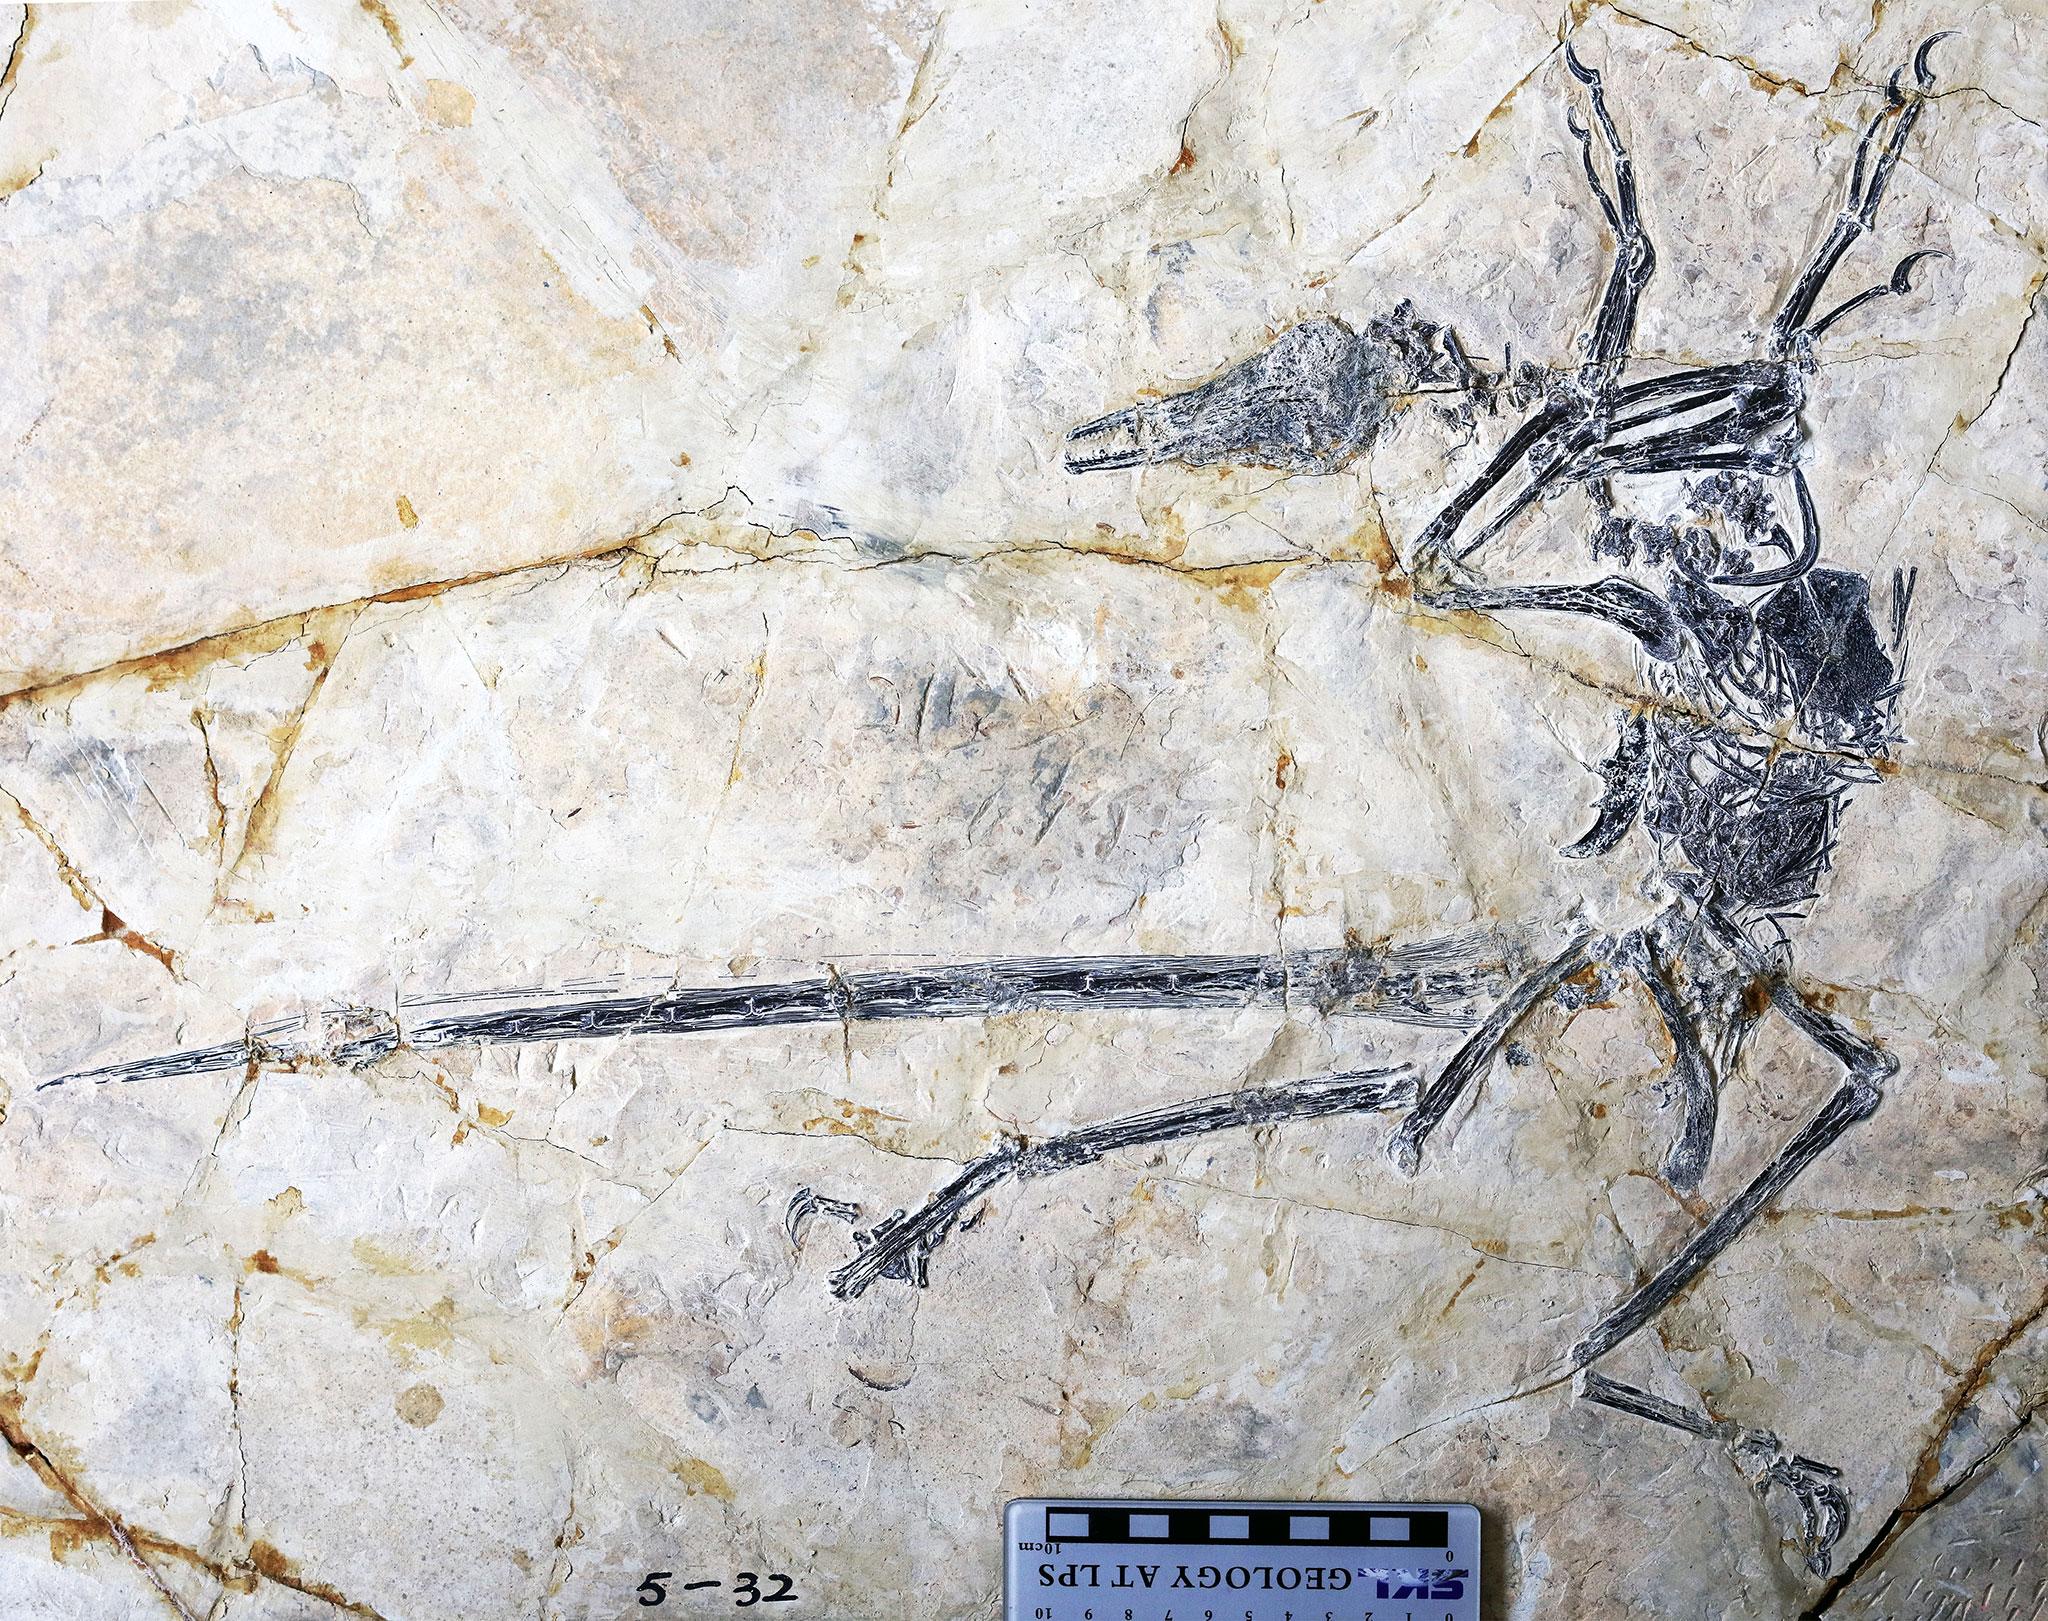 microraptor_kovulete_jingmai_o_connor_tarsai.jpg